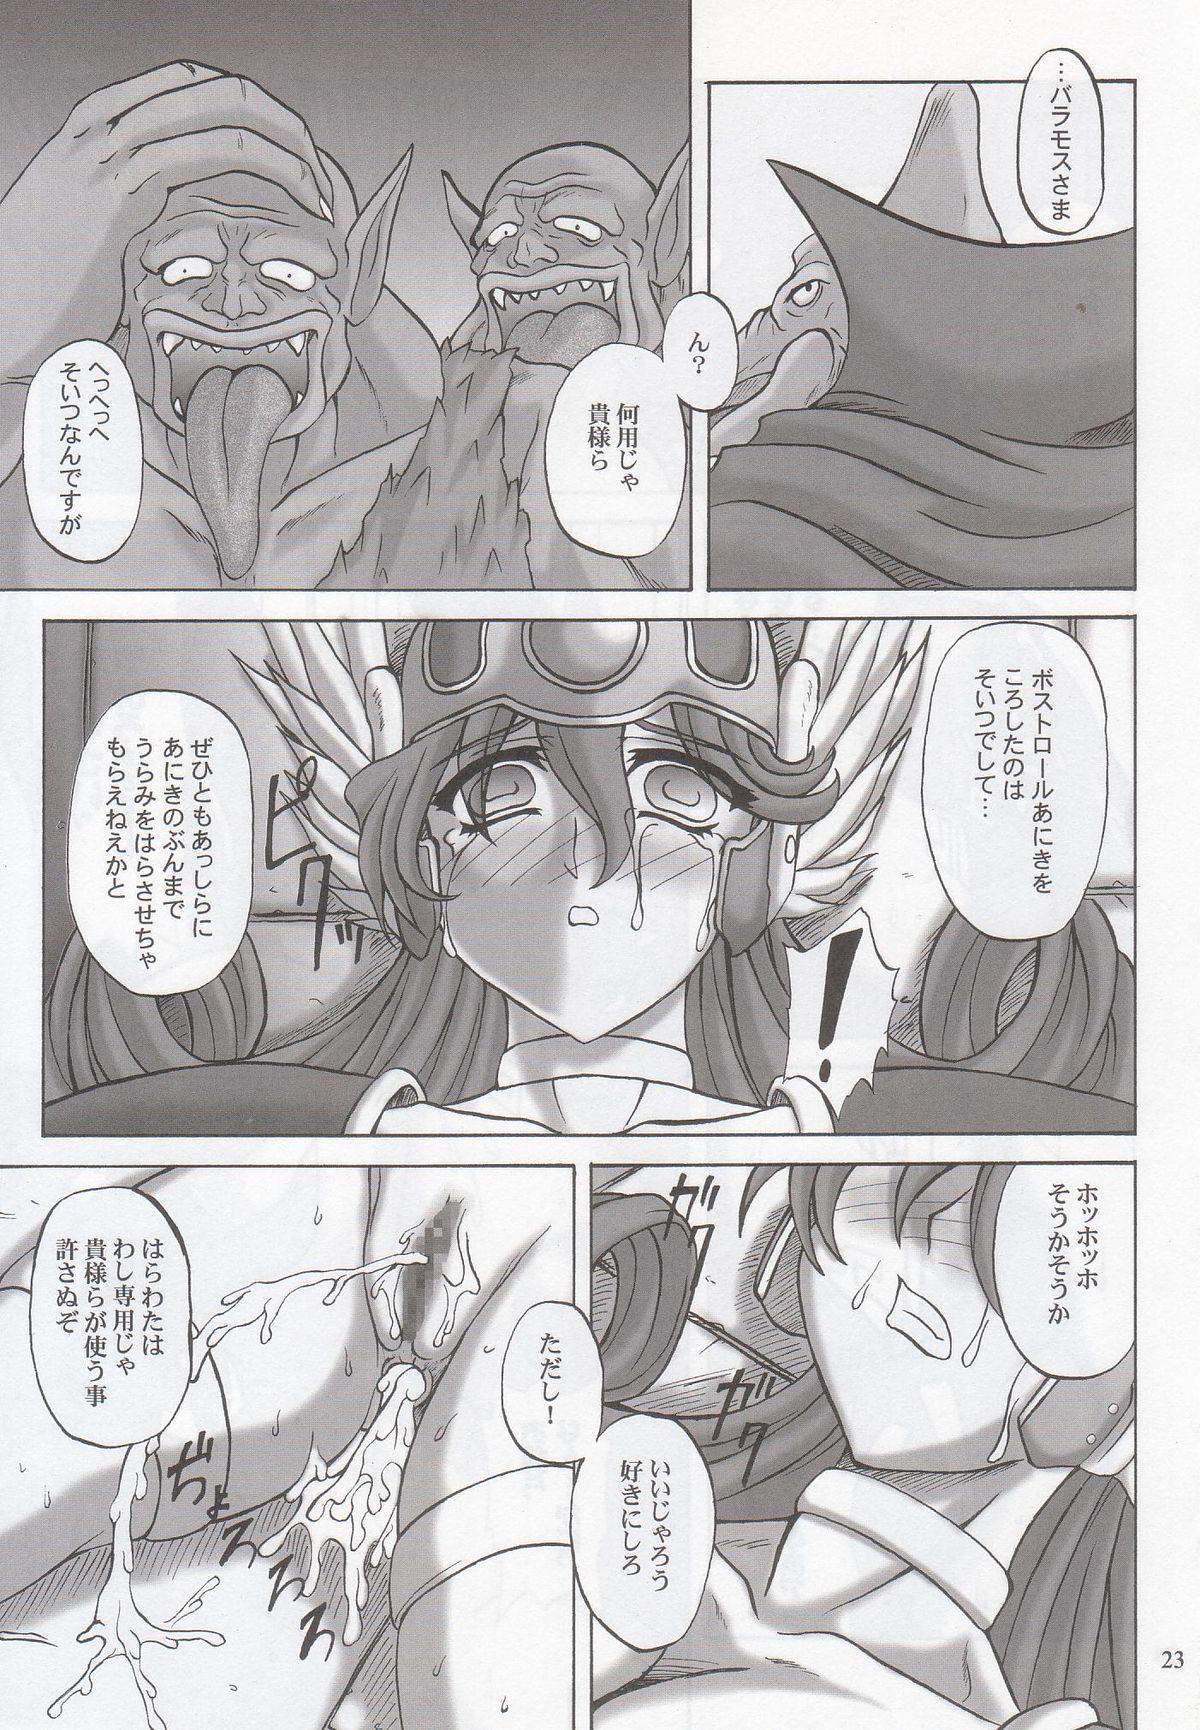 Soshite Ryoujoku e... 19